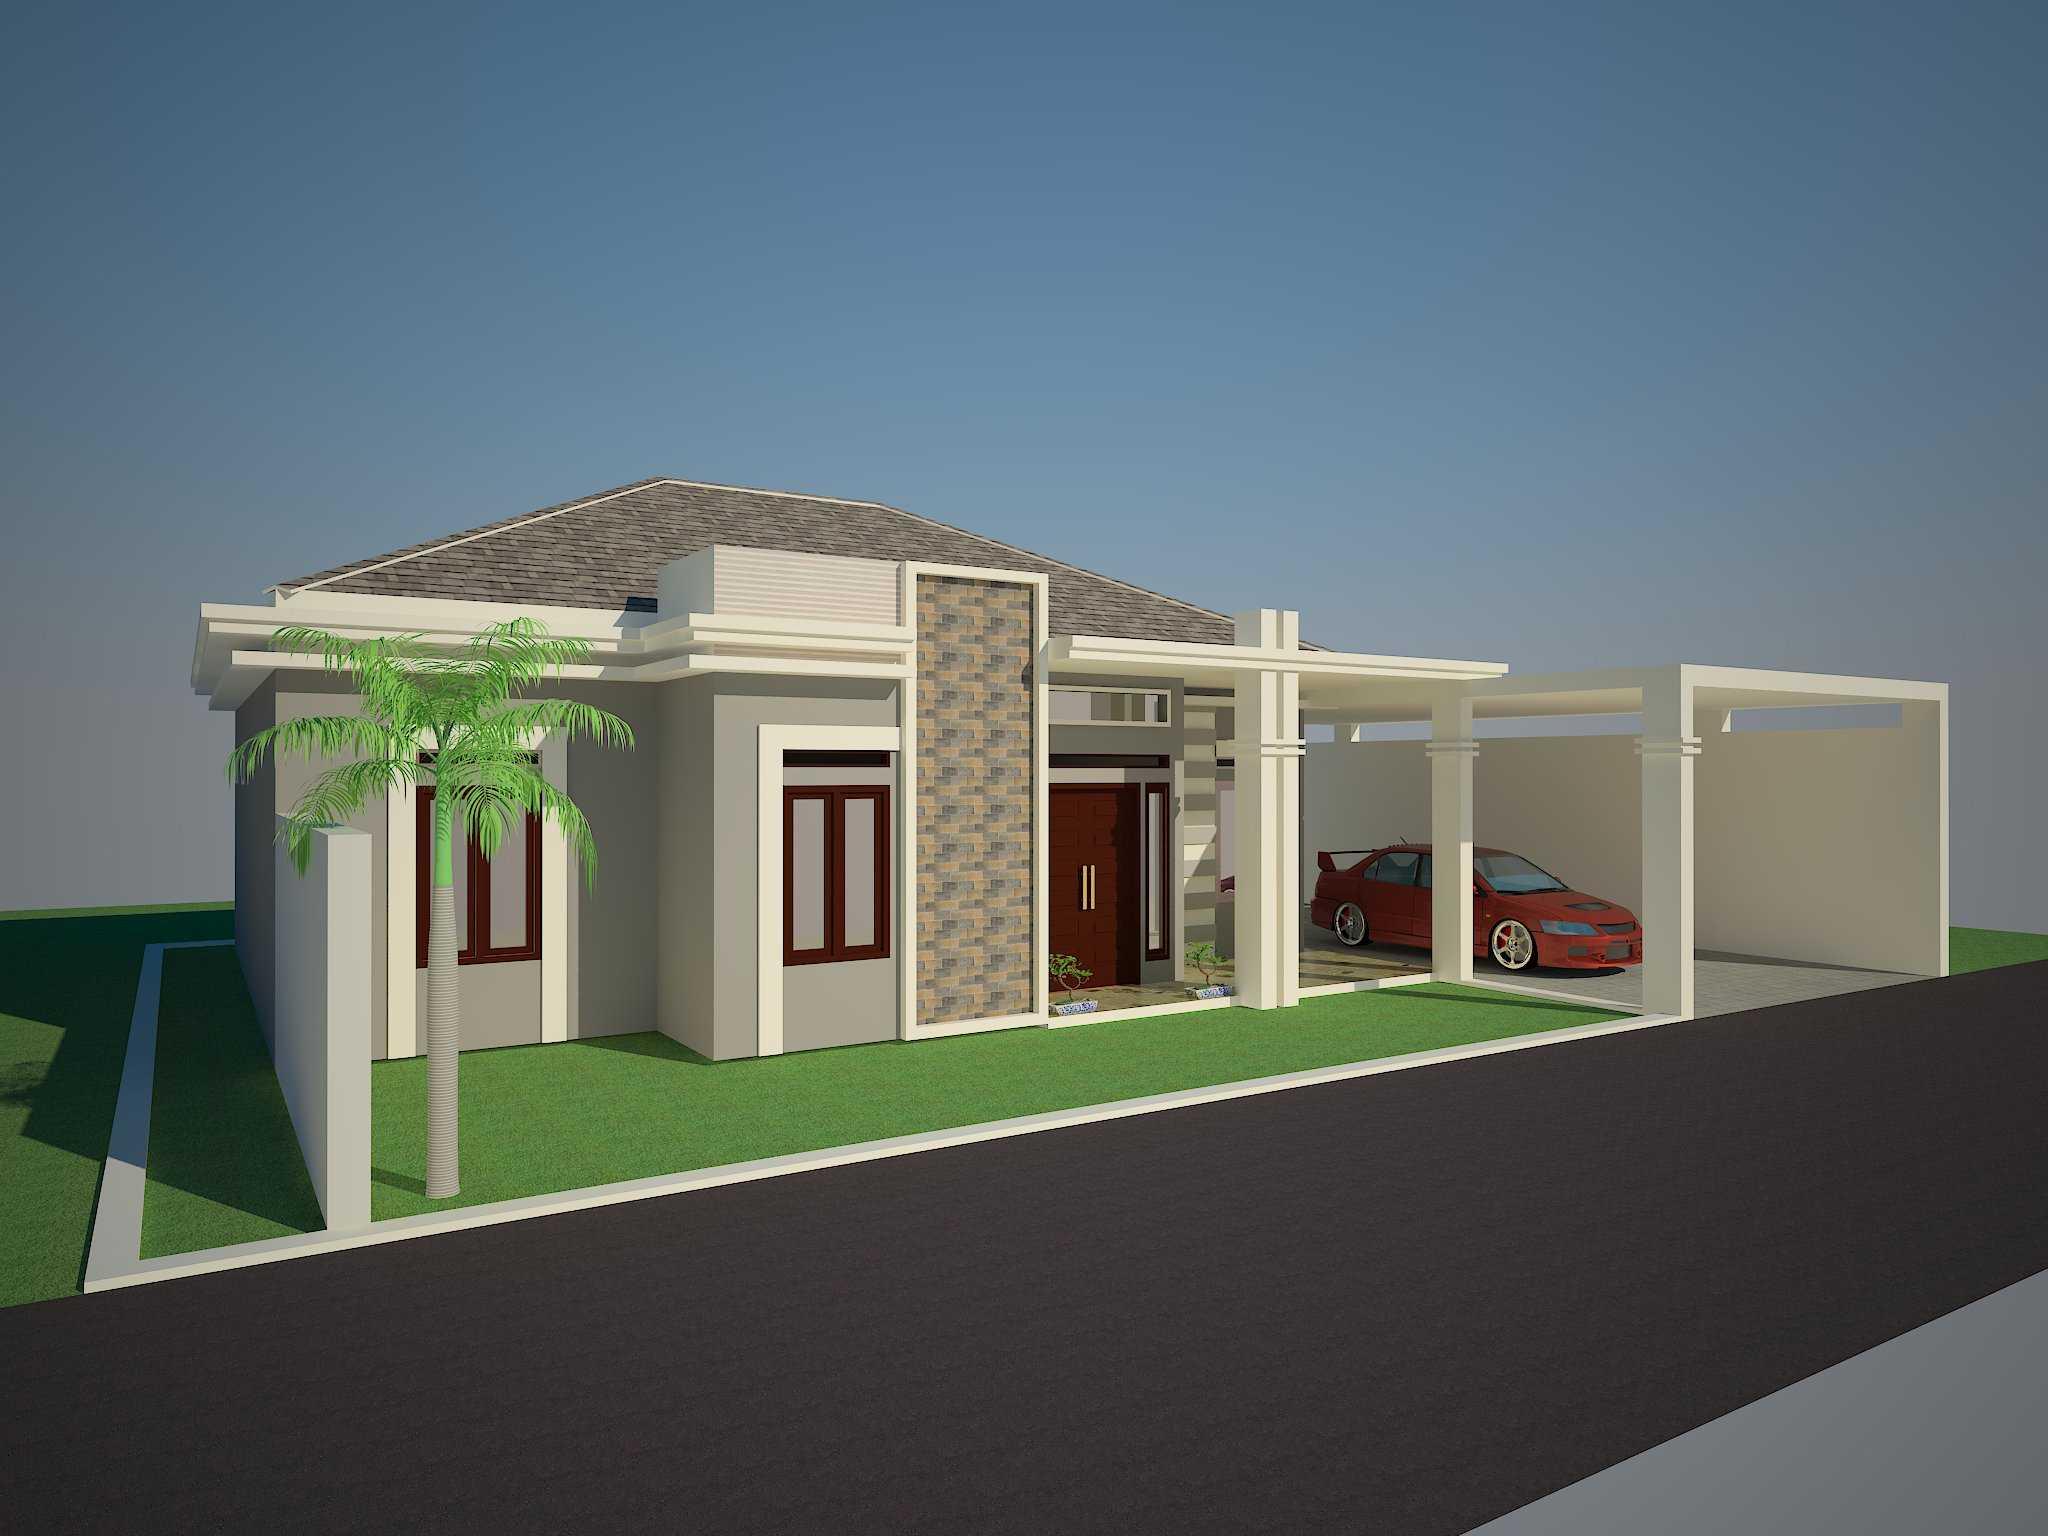 Aditia Purnomo Desain Rumah Minimalis Lampung, Indonesia Lampung, Indonesia Aditia-Purnomo-Desain-Rumah-Minimalis   61312